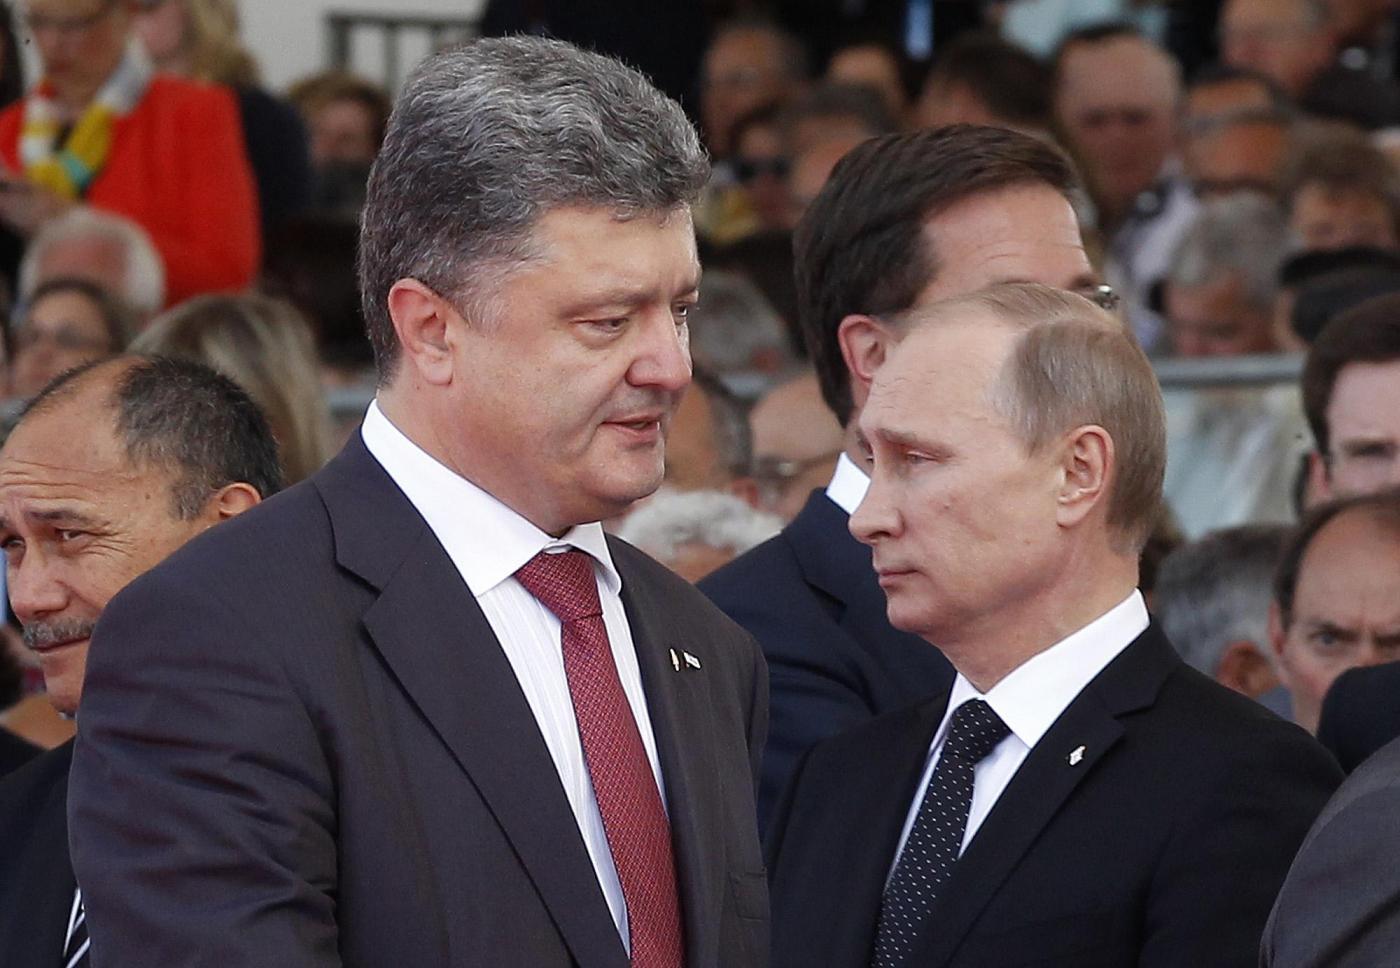 Ucraina: primo incontro fra Putin e Poroshenko, discussione su cessate il fuoco